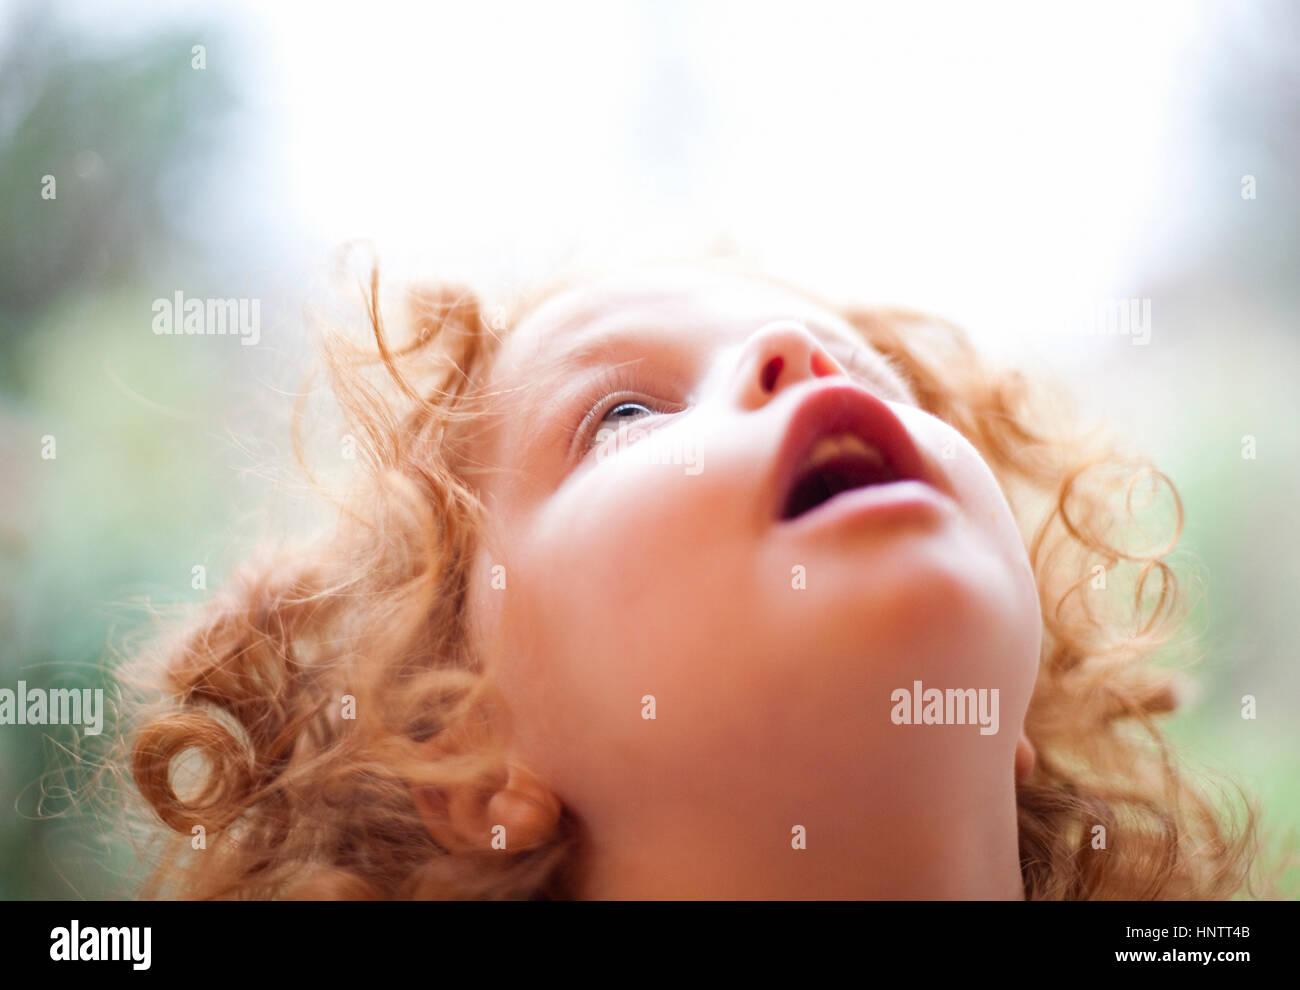 Eine drei Jahre alte Mädchen Loowing in Ehrfurcht vor dem Himmel Stockbild